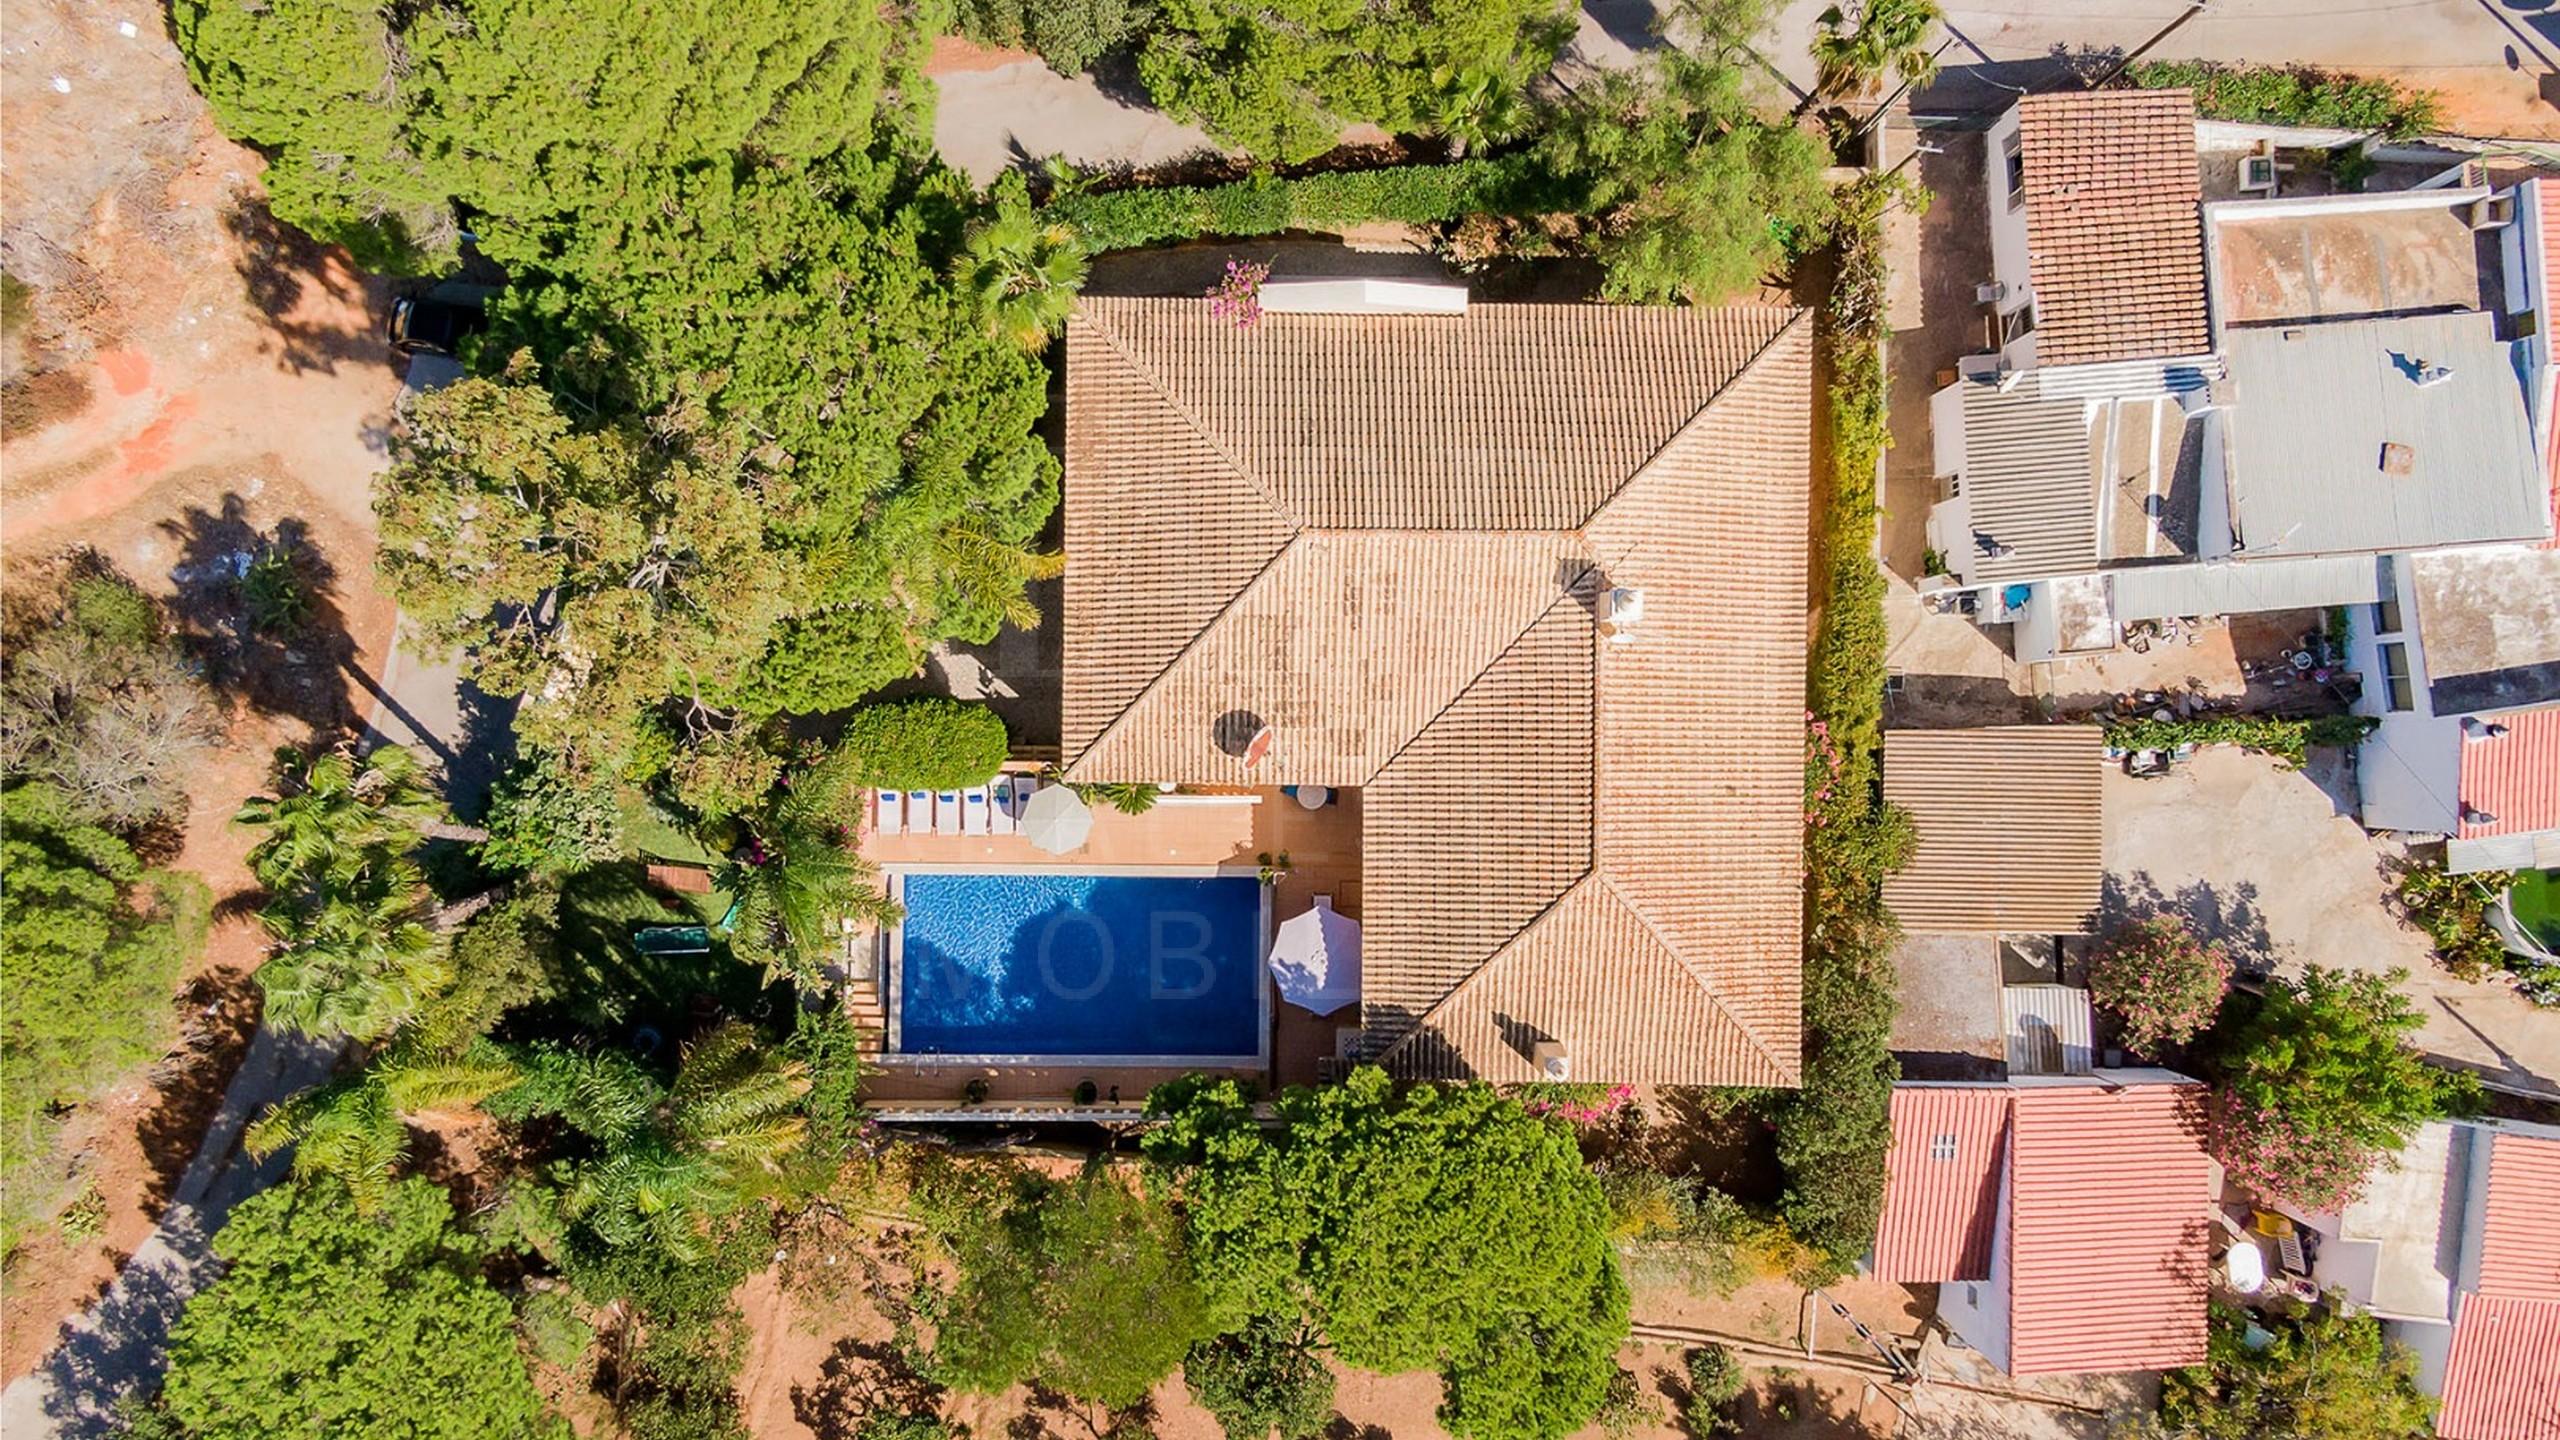 5 bedroom villa for sale - Vale do Lobo